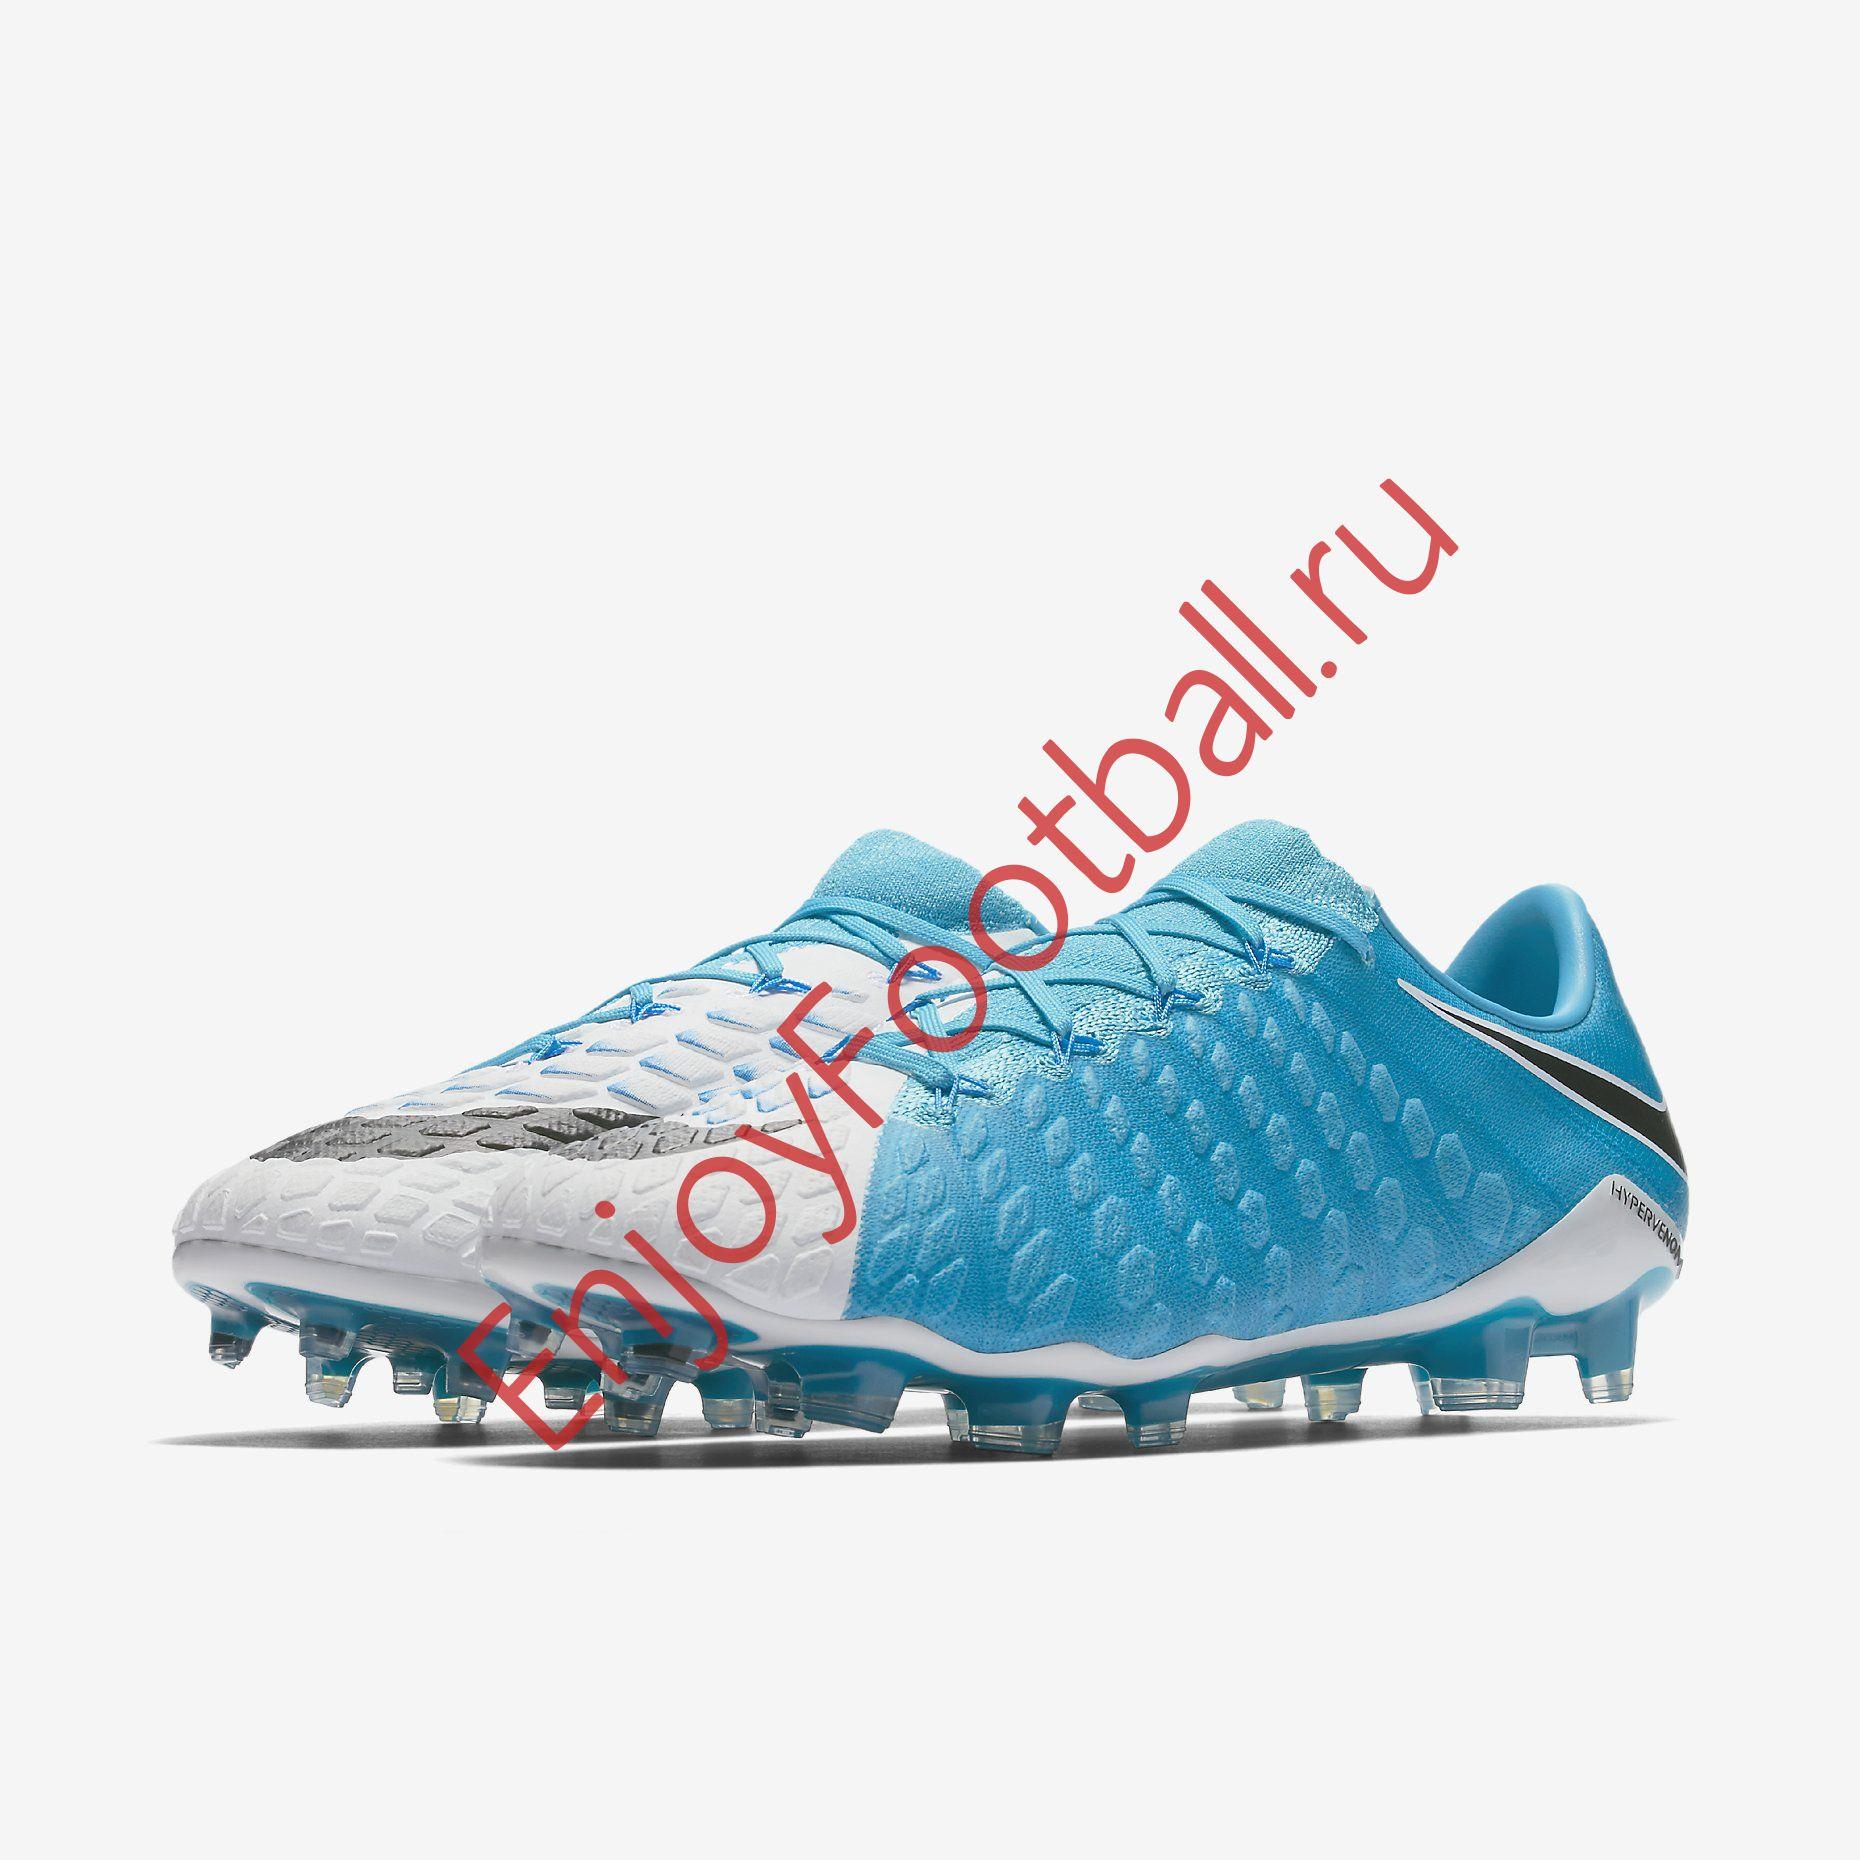 Бутсы NIKE HYPERVENOM PHANTOM 3 FG 852567 - купить бутсы Nike Гипервеном  Фантом недорого в Москве ... 694a29bd7c1